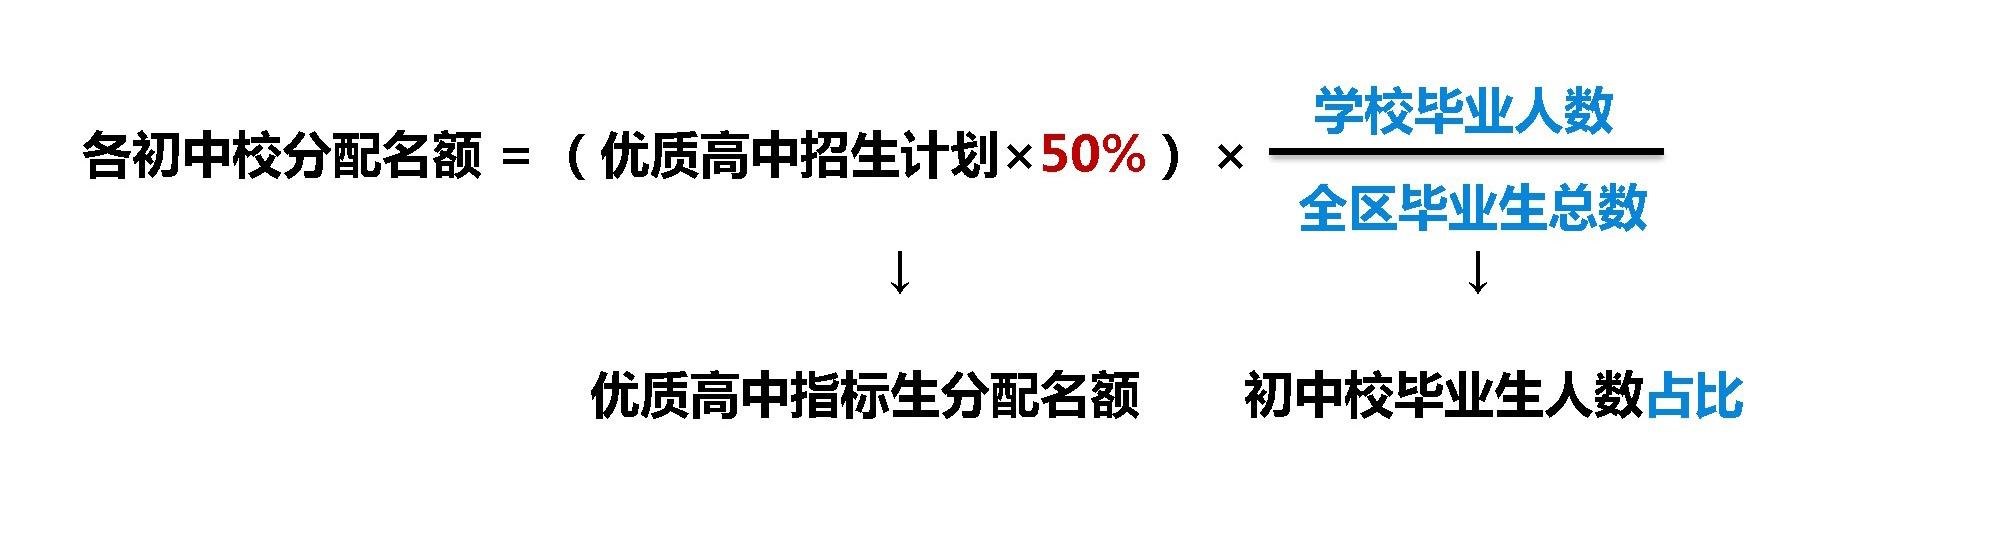 新建 Microsoft Office PowerPoint 演示文稿.jpg